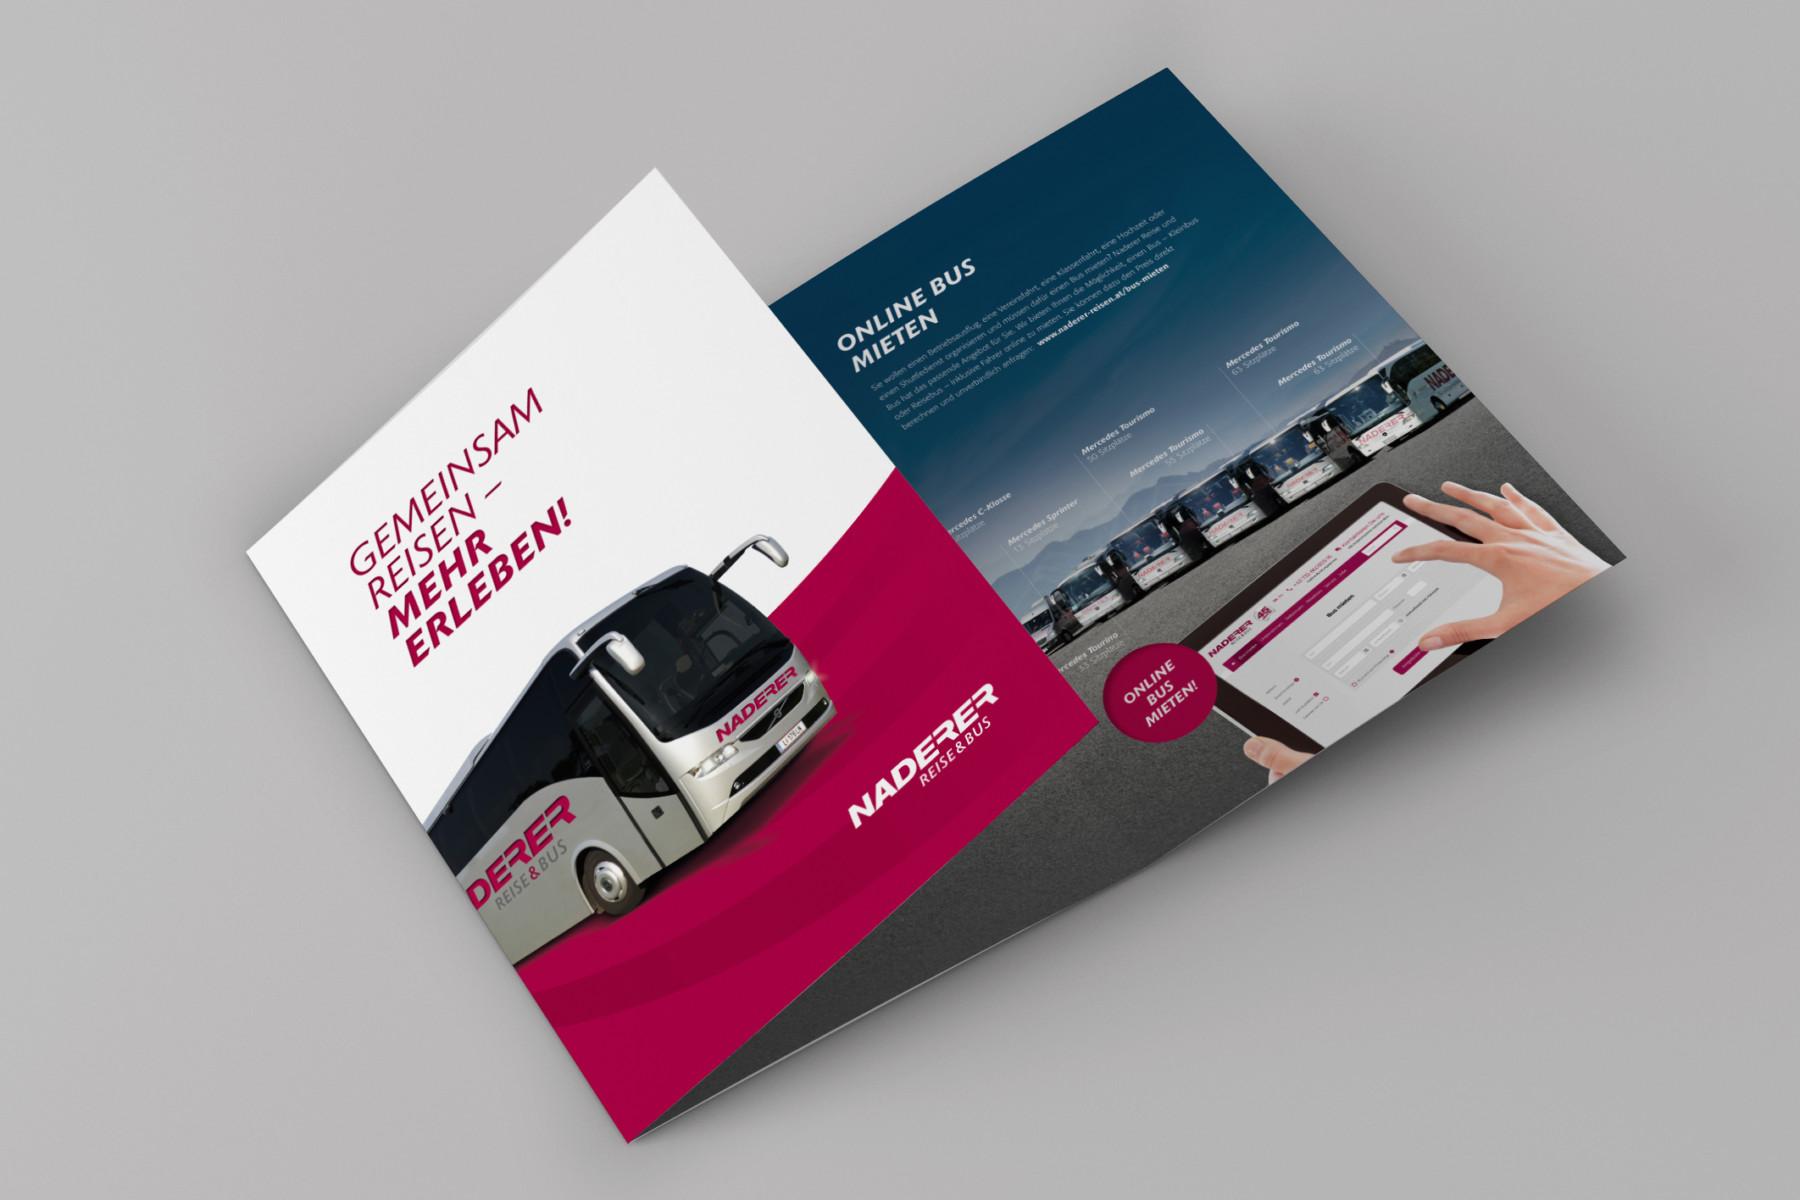 broschüre-titelseite-naderer-b2-werbeagentur